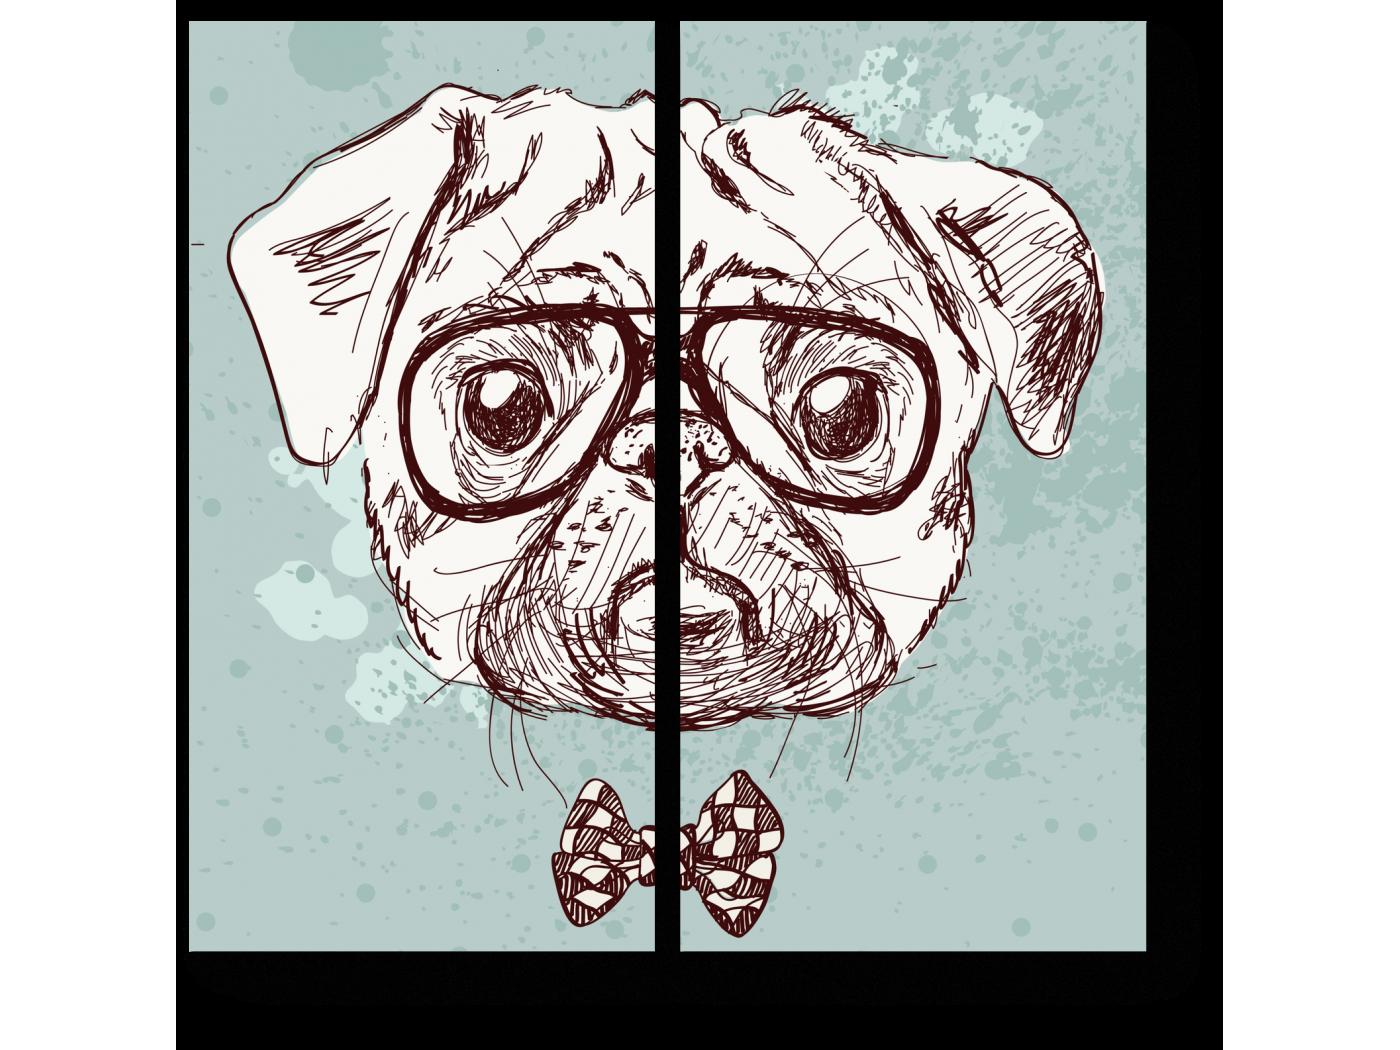 Модульная картина Винтажный мопс в бабочке и очках (40x40) фото